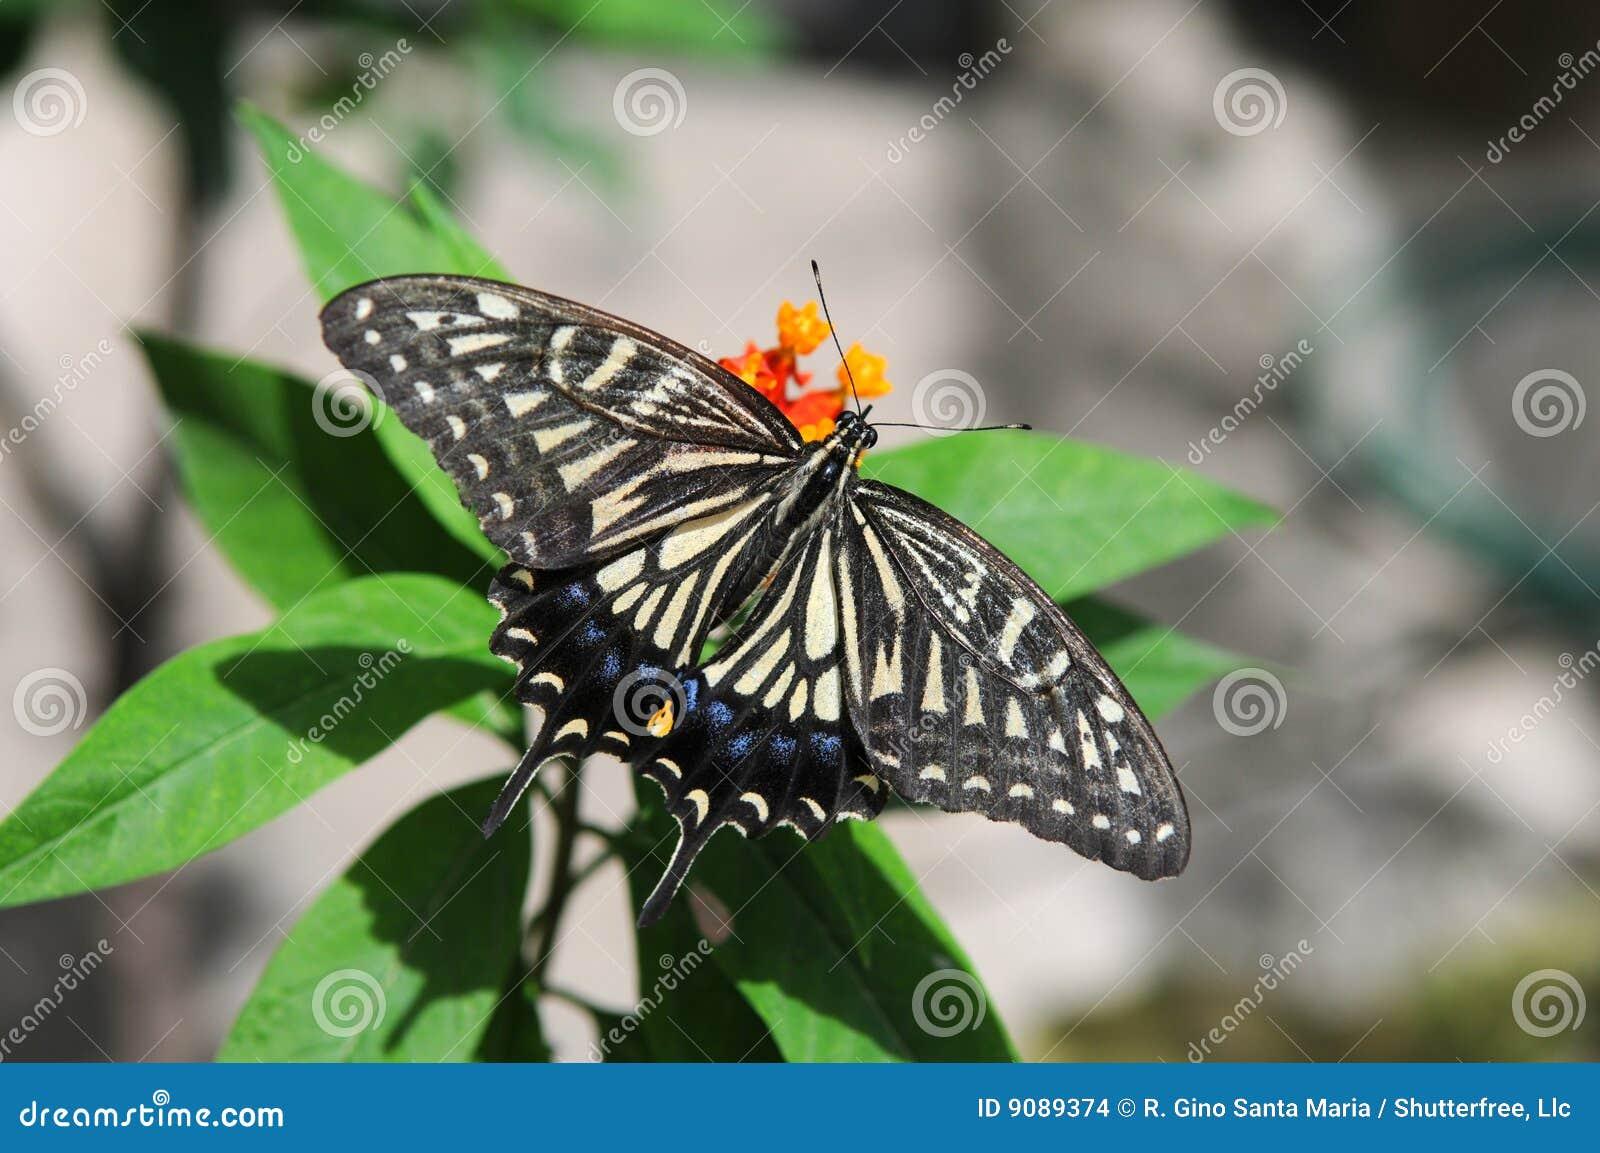 Östliche Tiger Swallowtail Basisrecheneinheit